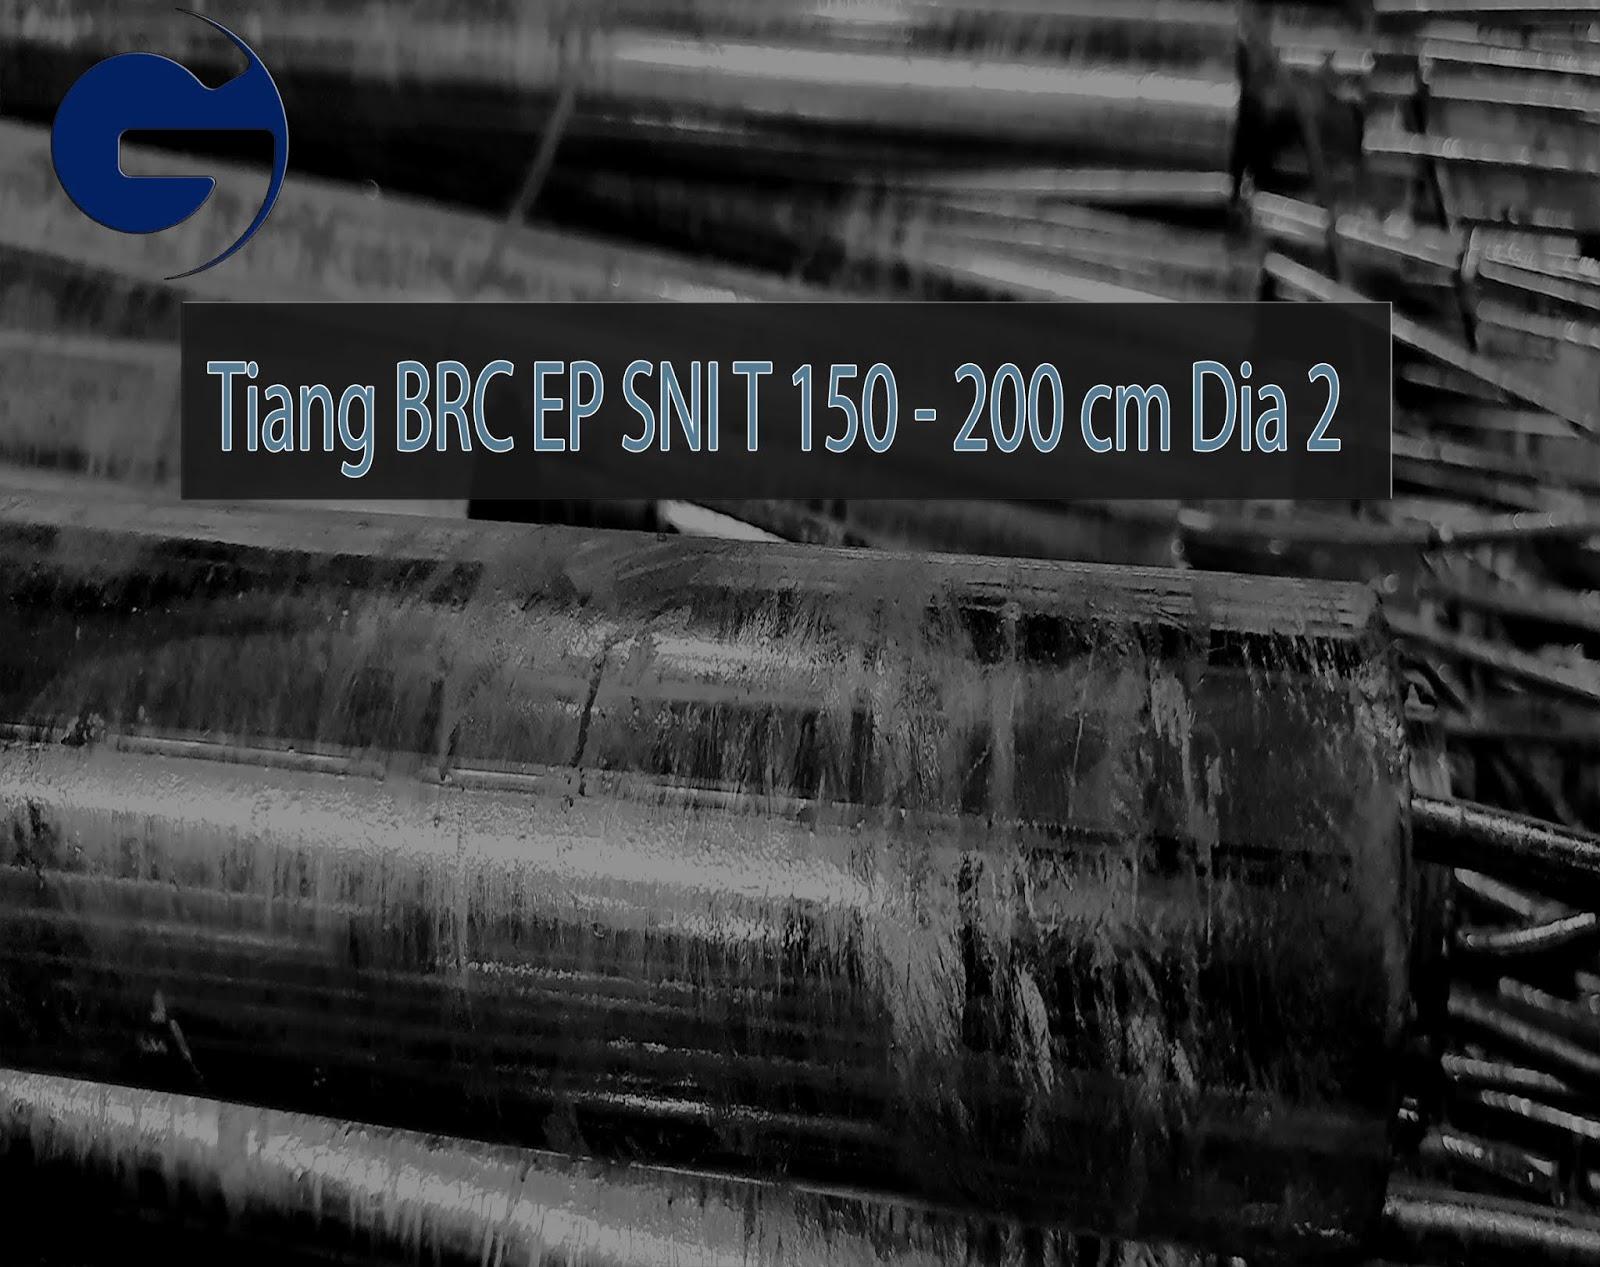 Jual Tiang BRC EP SNI T 200 CM Dia 2 Inch